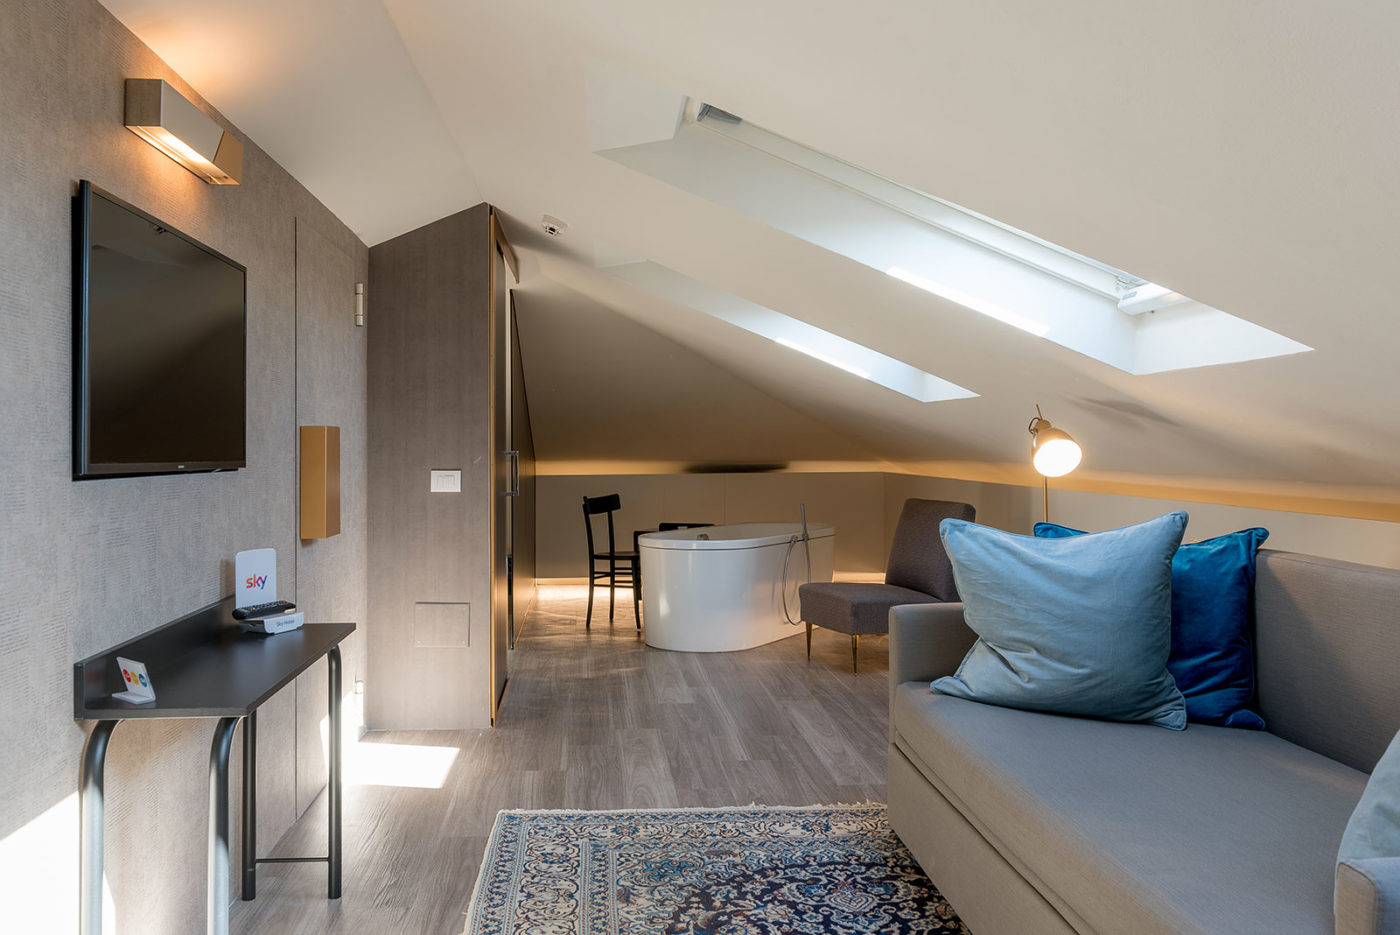 Una camera dell'Up Hotel dove verrà installata l'assistente vocale Amazon Alexa